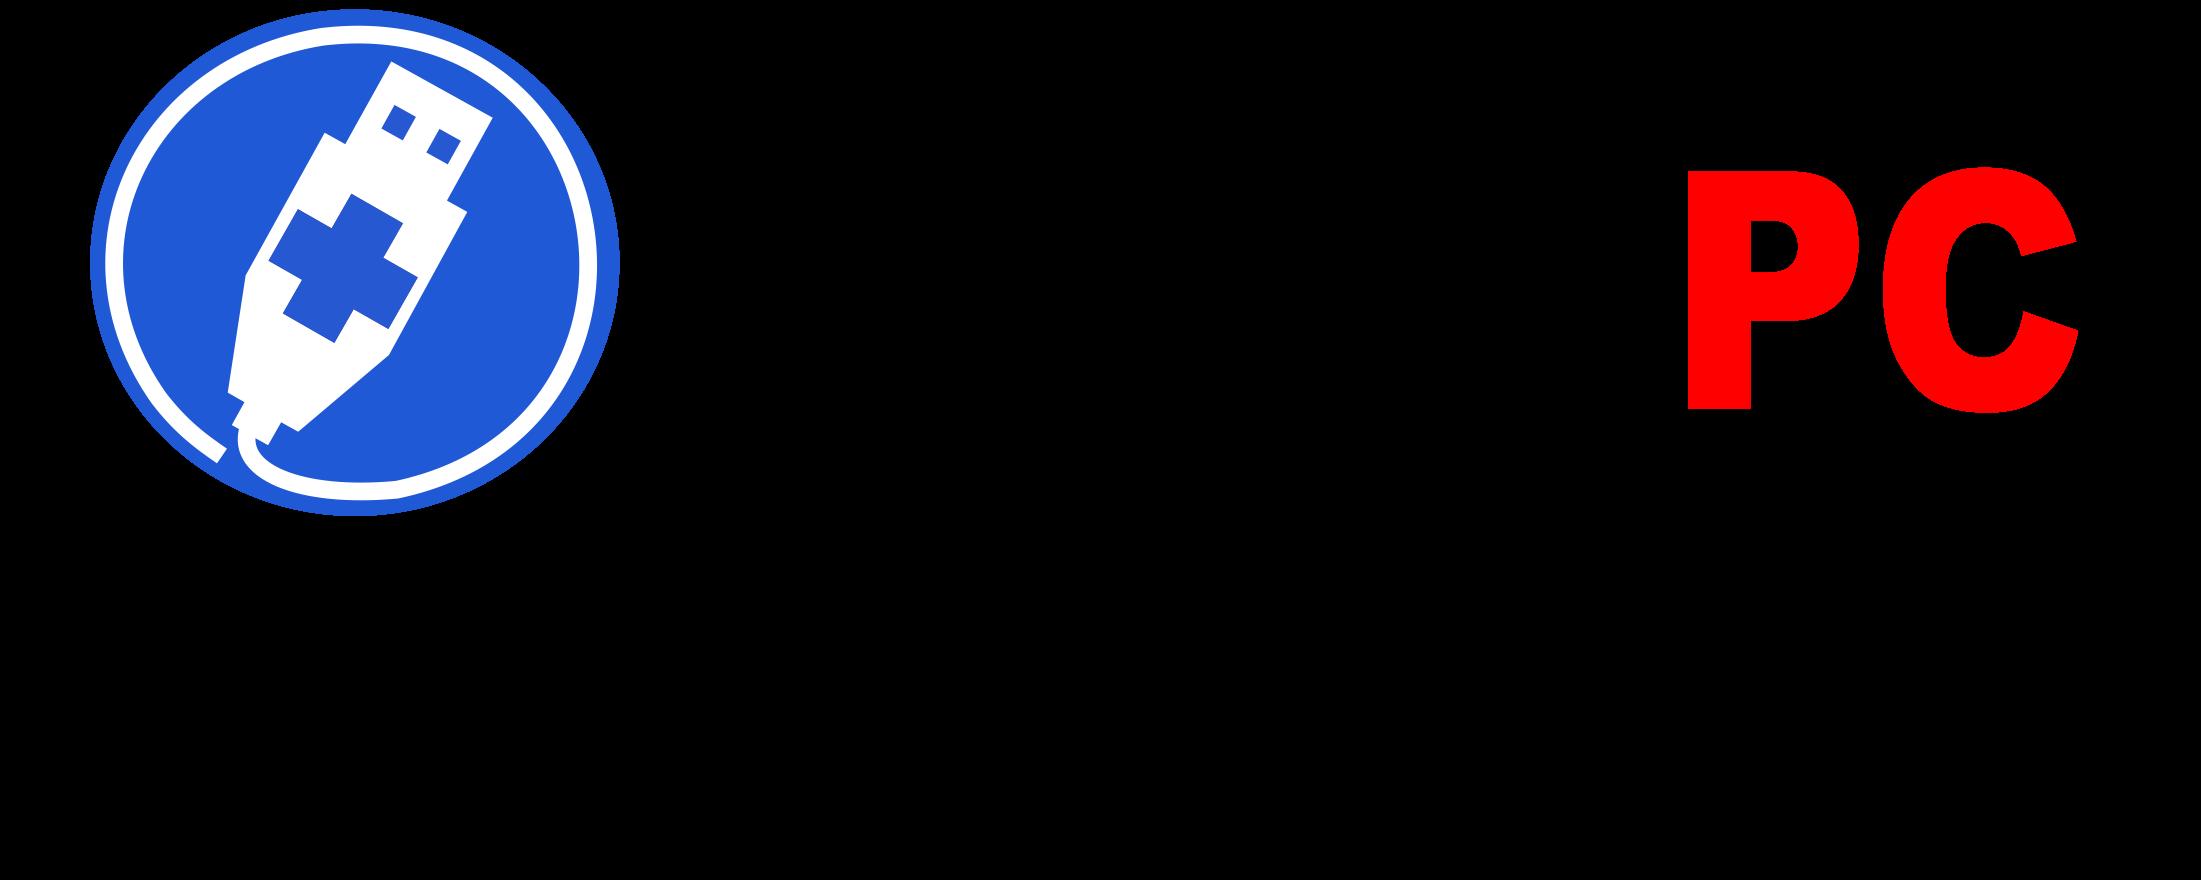 Matys PC – Usługi Informatyczne, Pogotowie Komputerowe